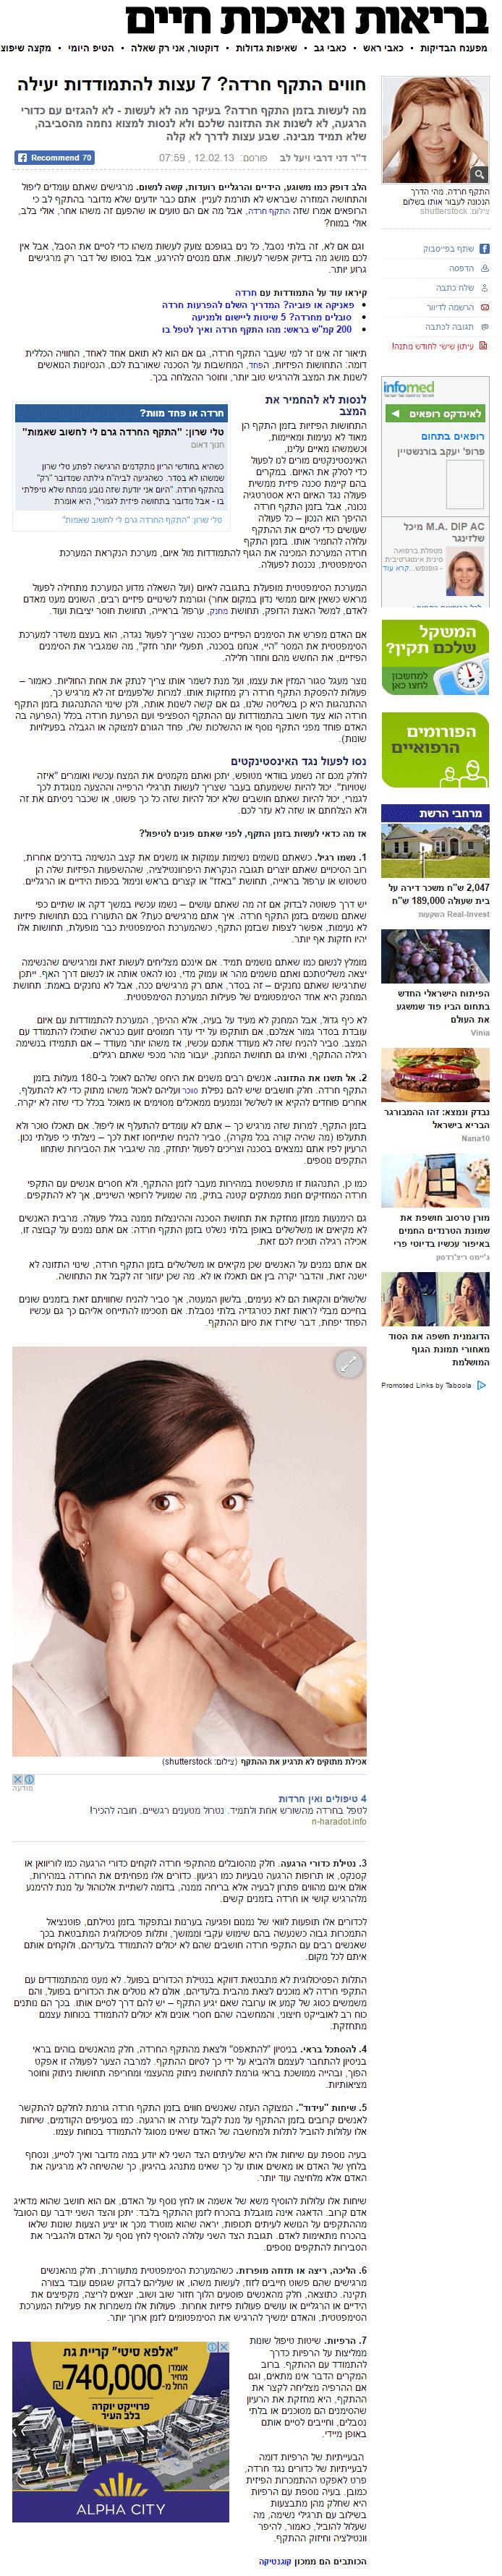 7 עצות להתמודדות יעילה עם התקף חרדה- ynet